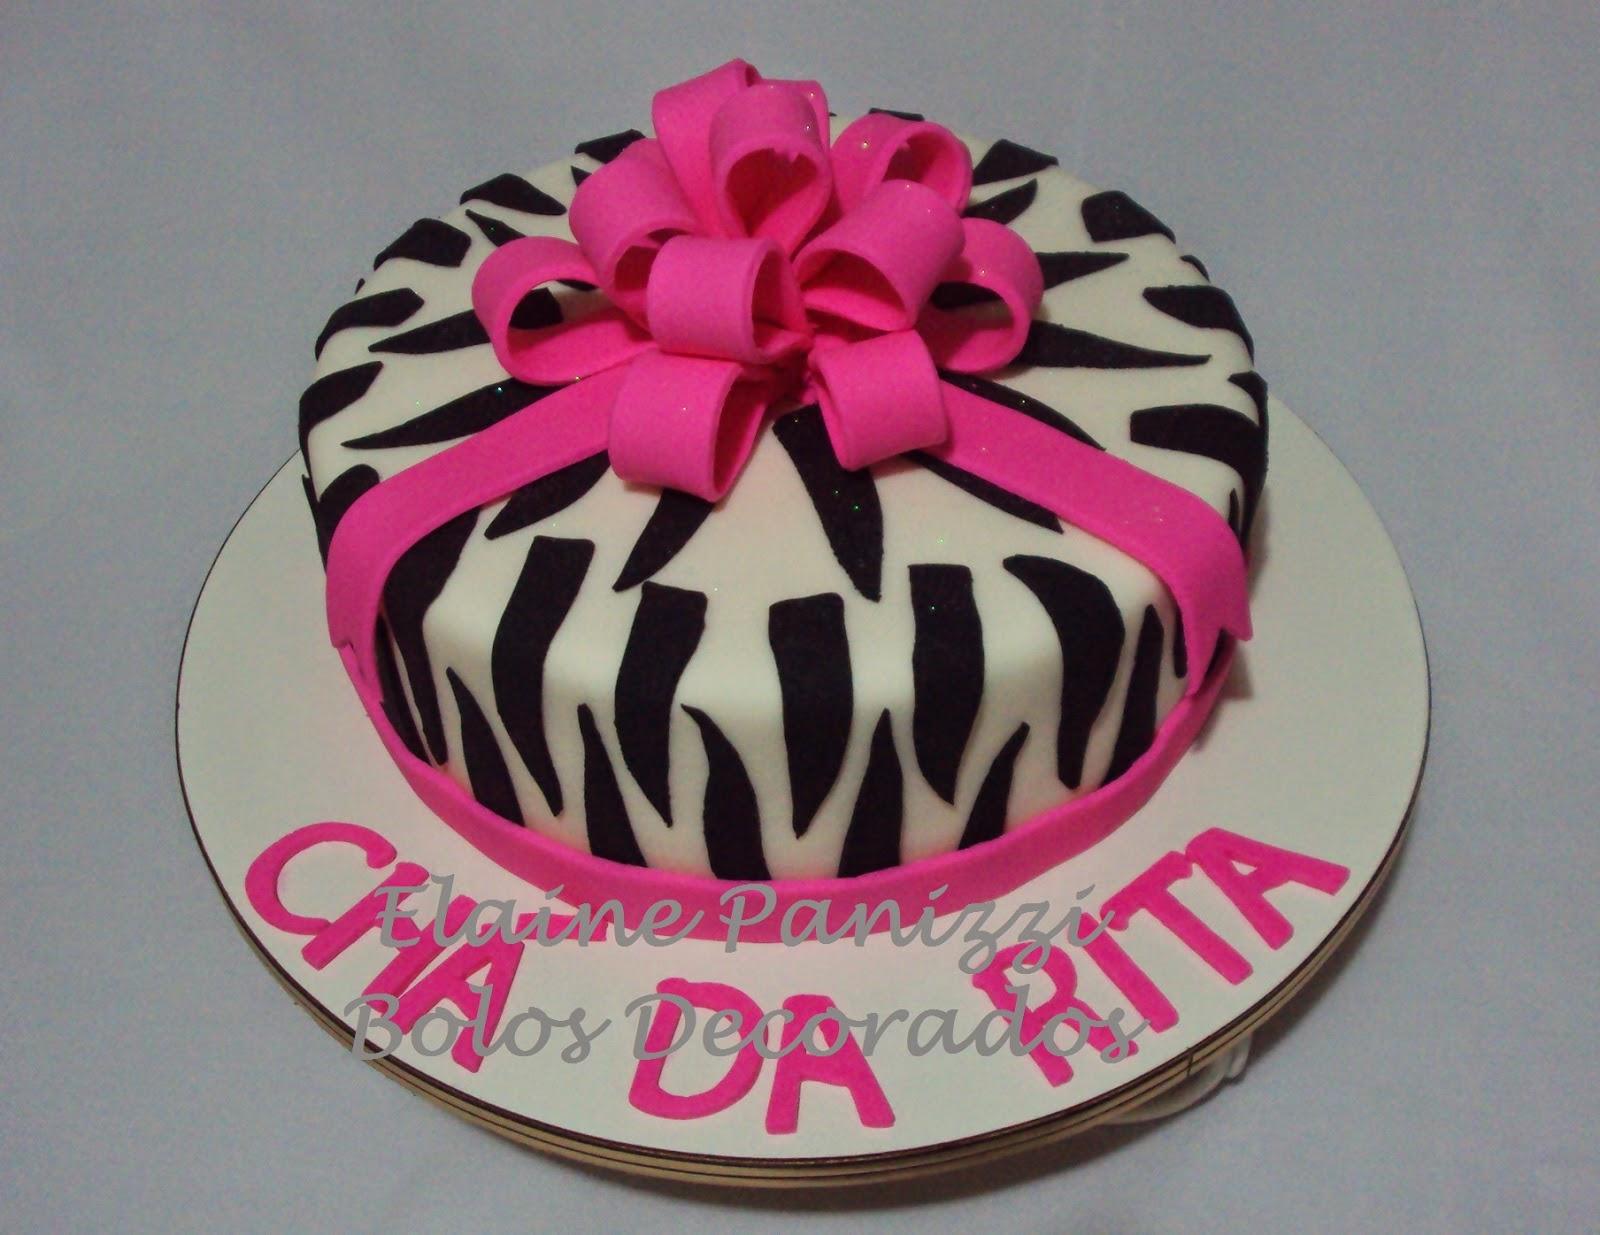 Muitas vezes Elaine Panizzi Bolos Decorados: Bolo zebra com laço rosa JH33